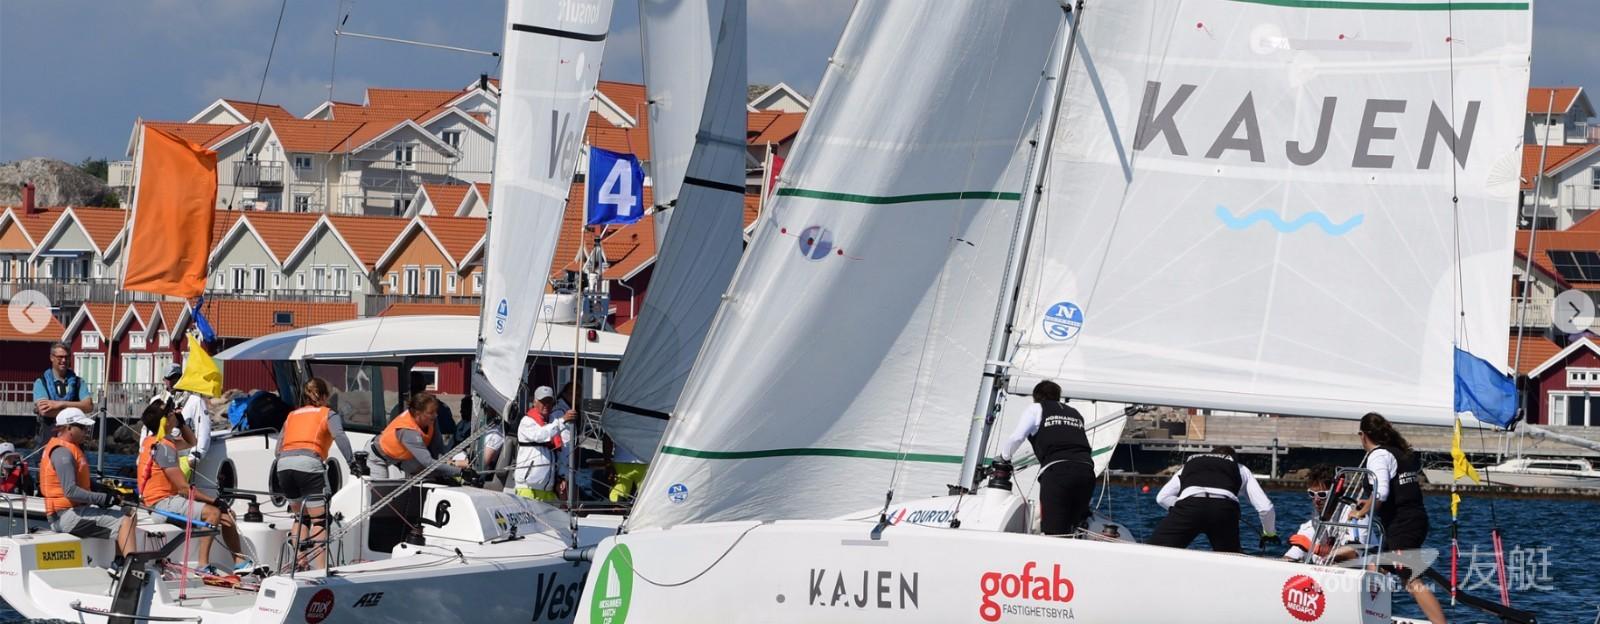 珐伊28R成为第一届Midsummer Match Cup赛事用船